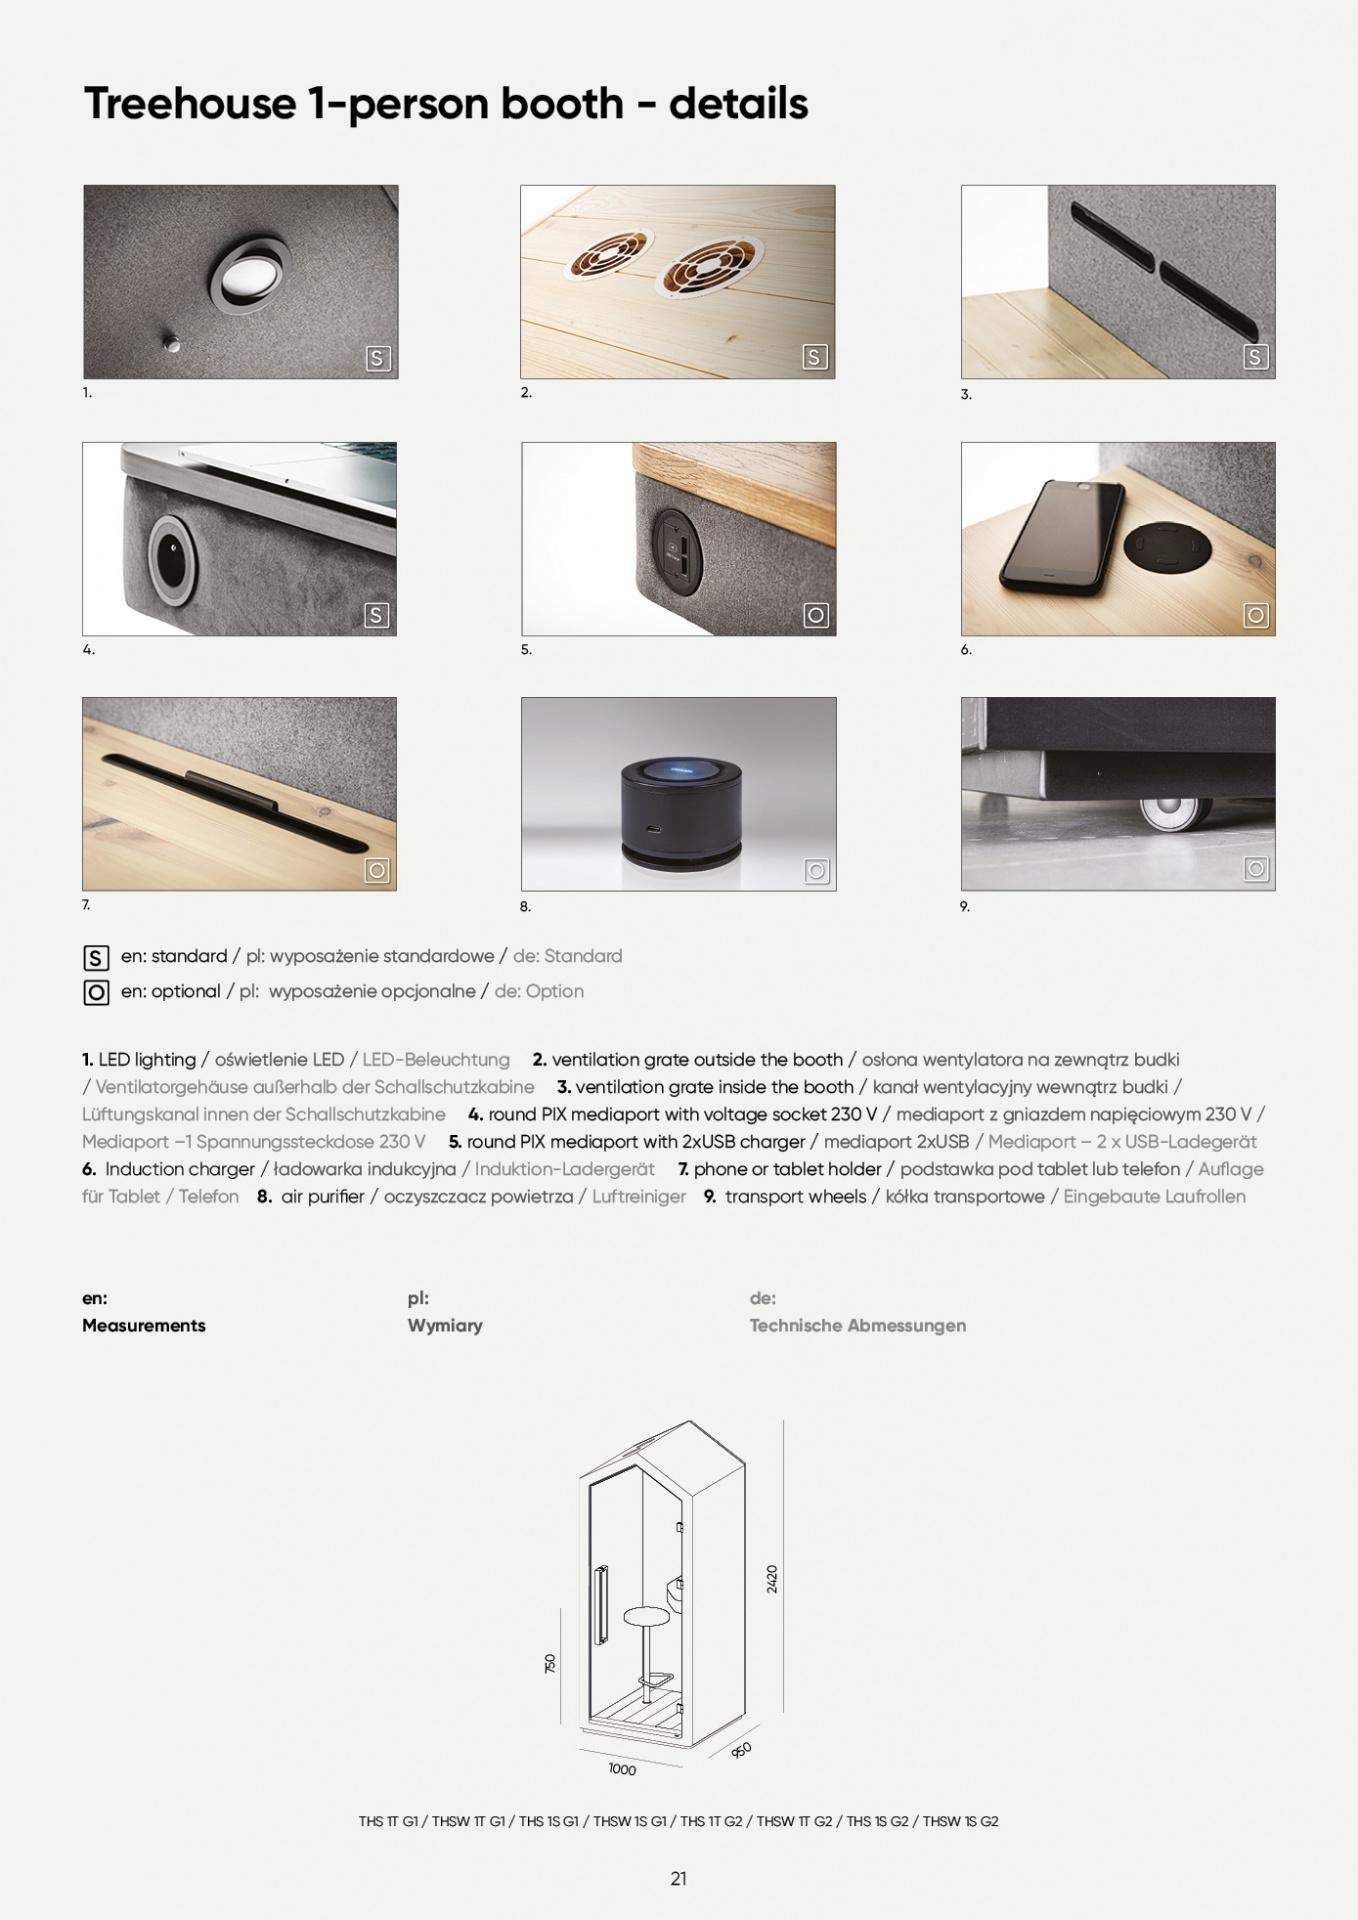 treehouse-catalogue-21.jpg